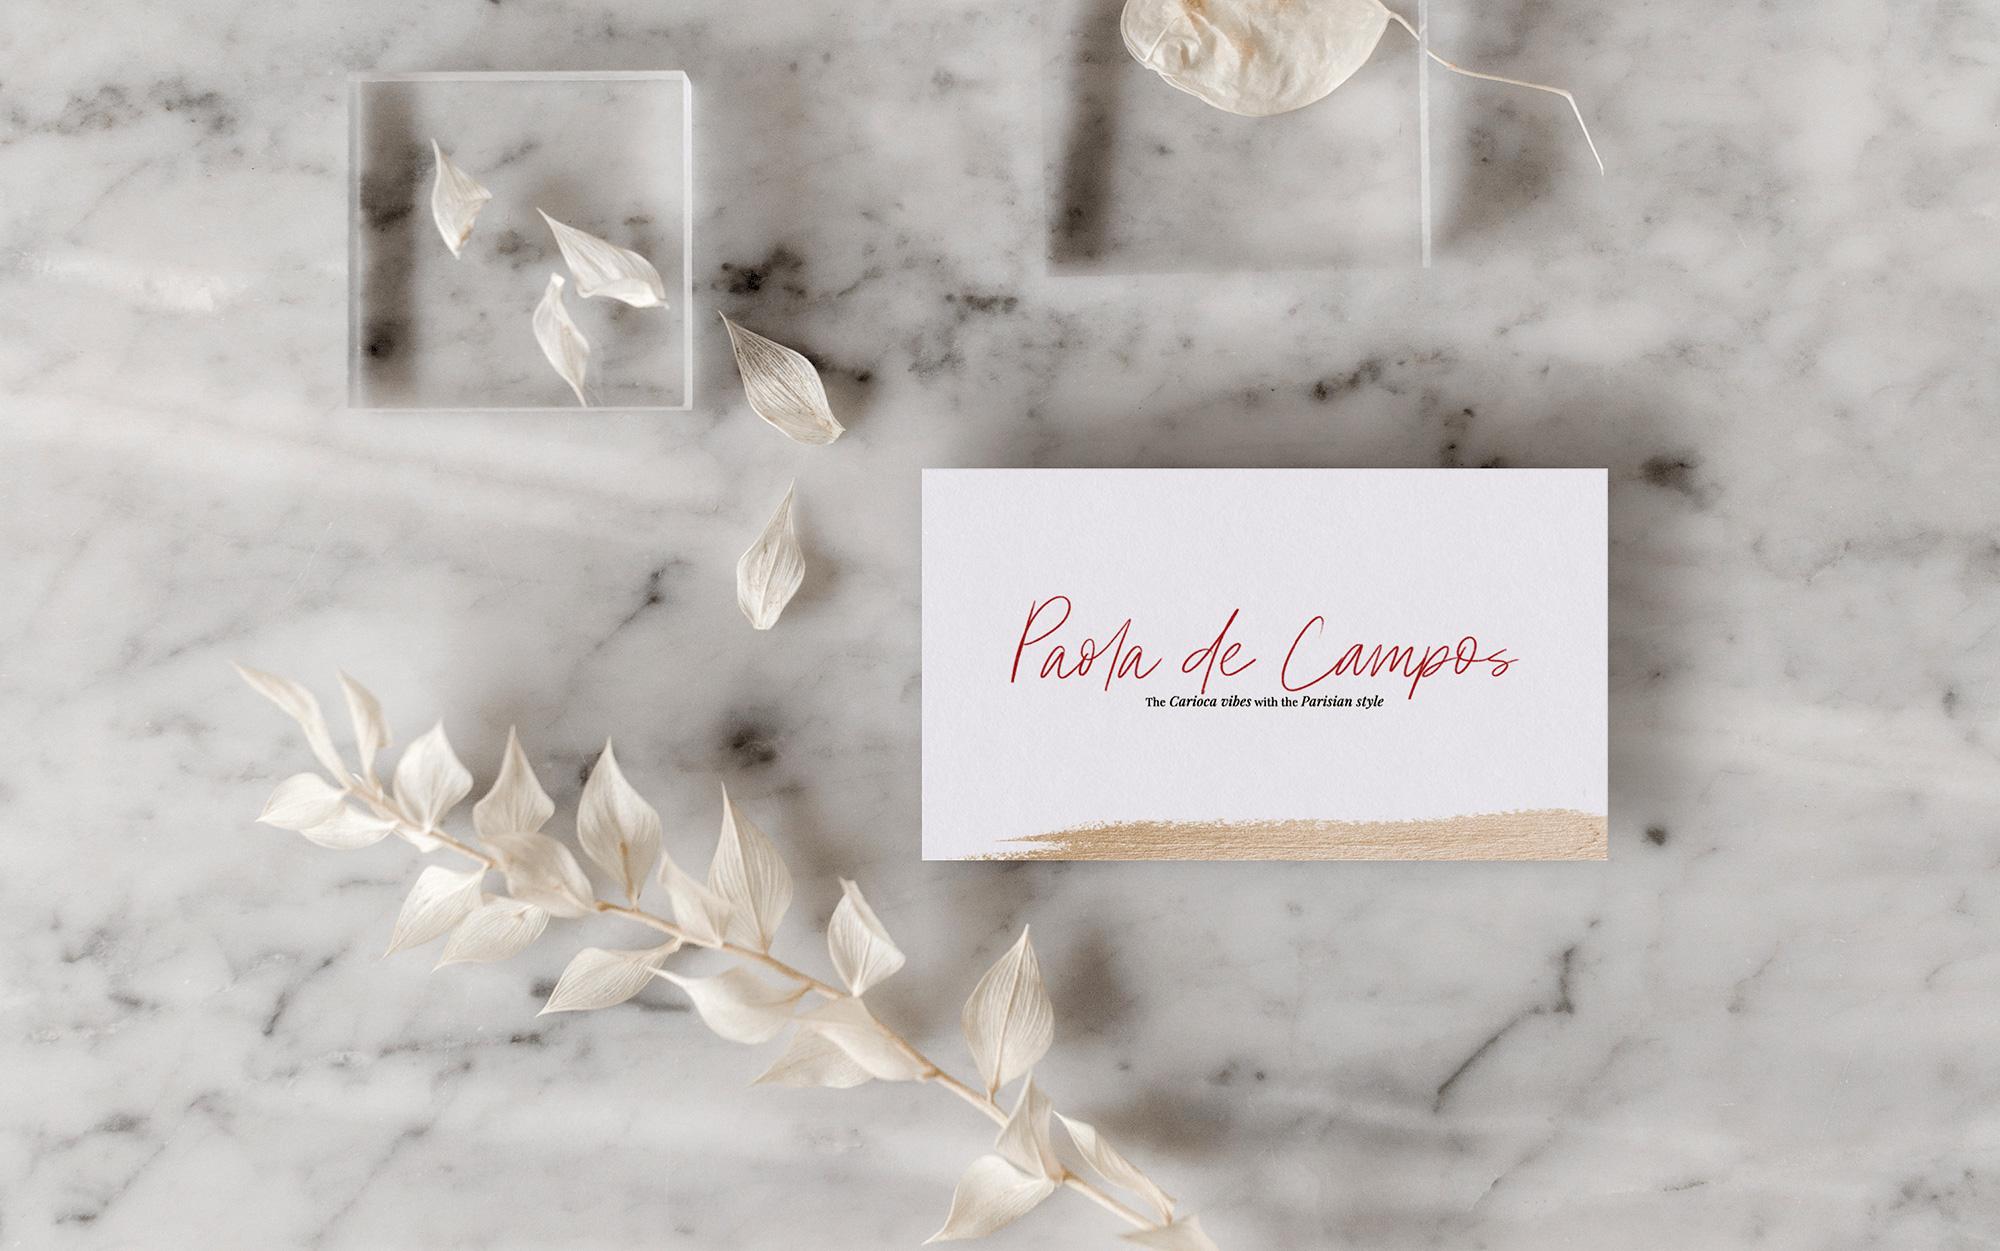 Identidade Visual & Blog Layout exclusivos para Paola de Campos - Design by Adrielly Sato